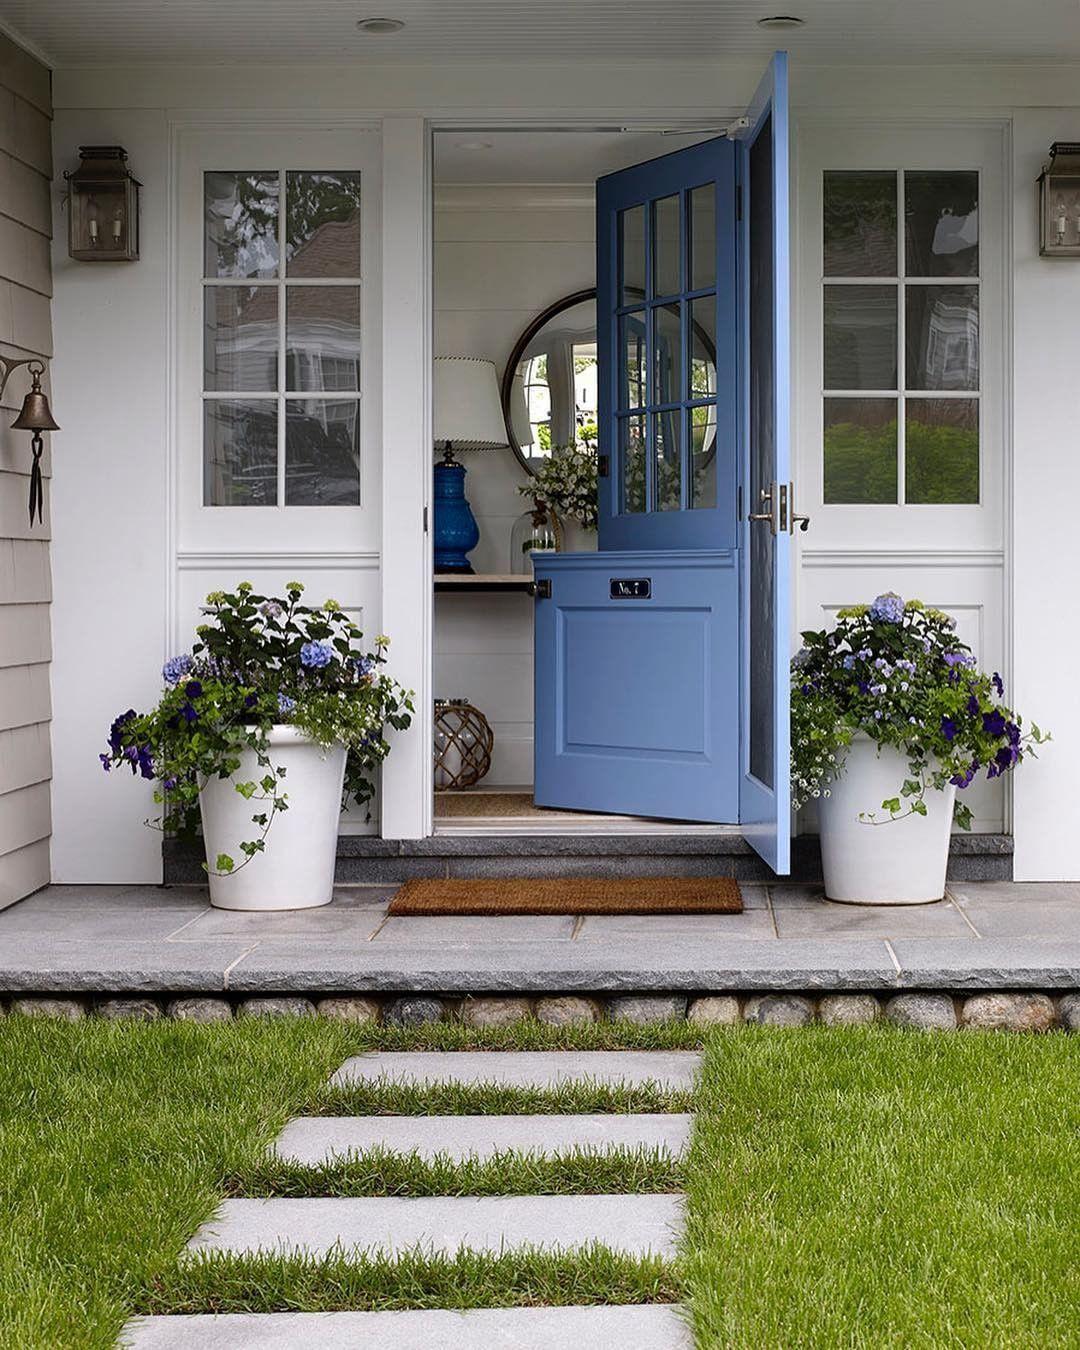 Pin By Kathleen Warner On Farm House Exterior In 2019 Front Door Design Dutch Doors